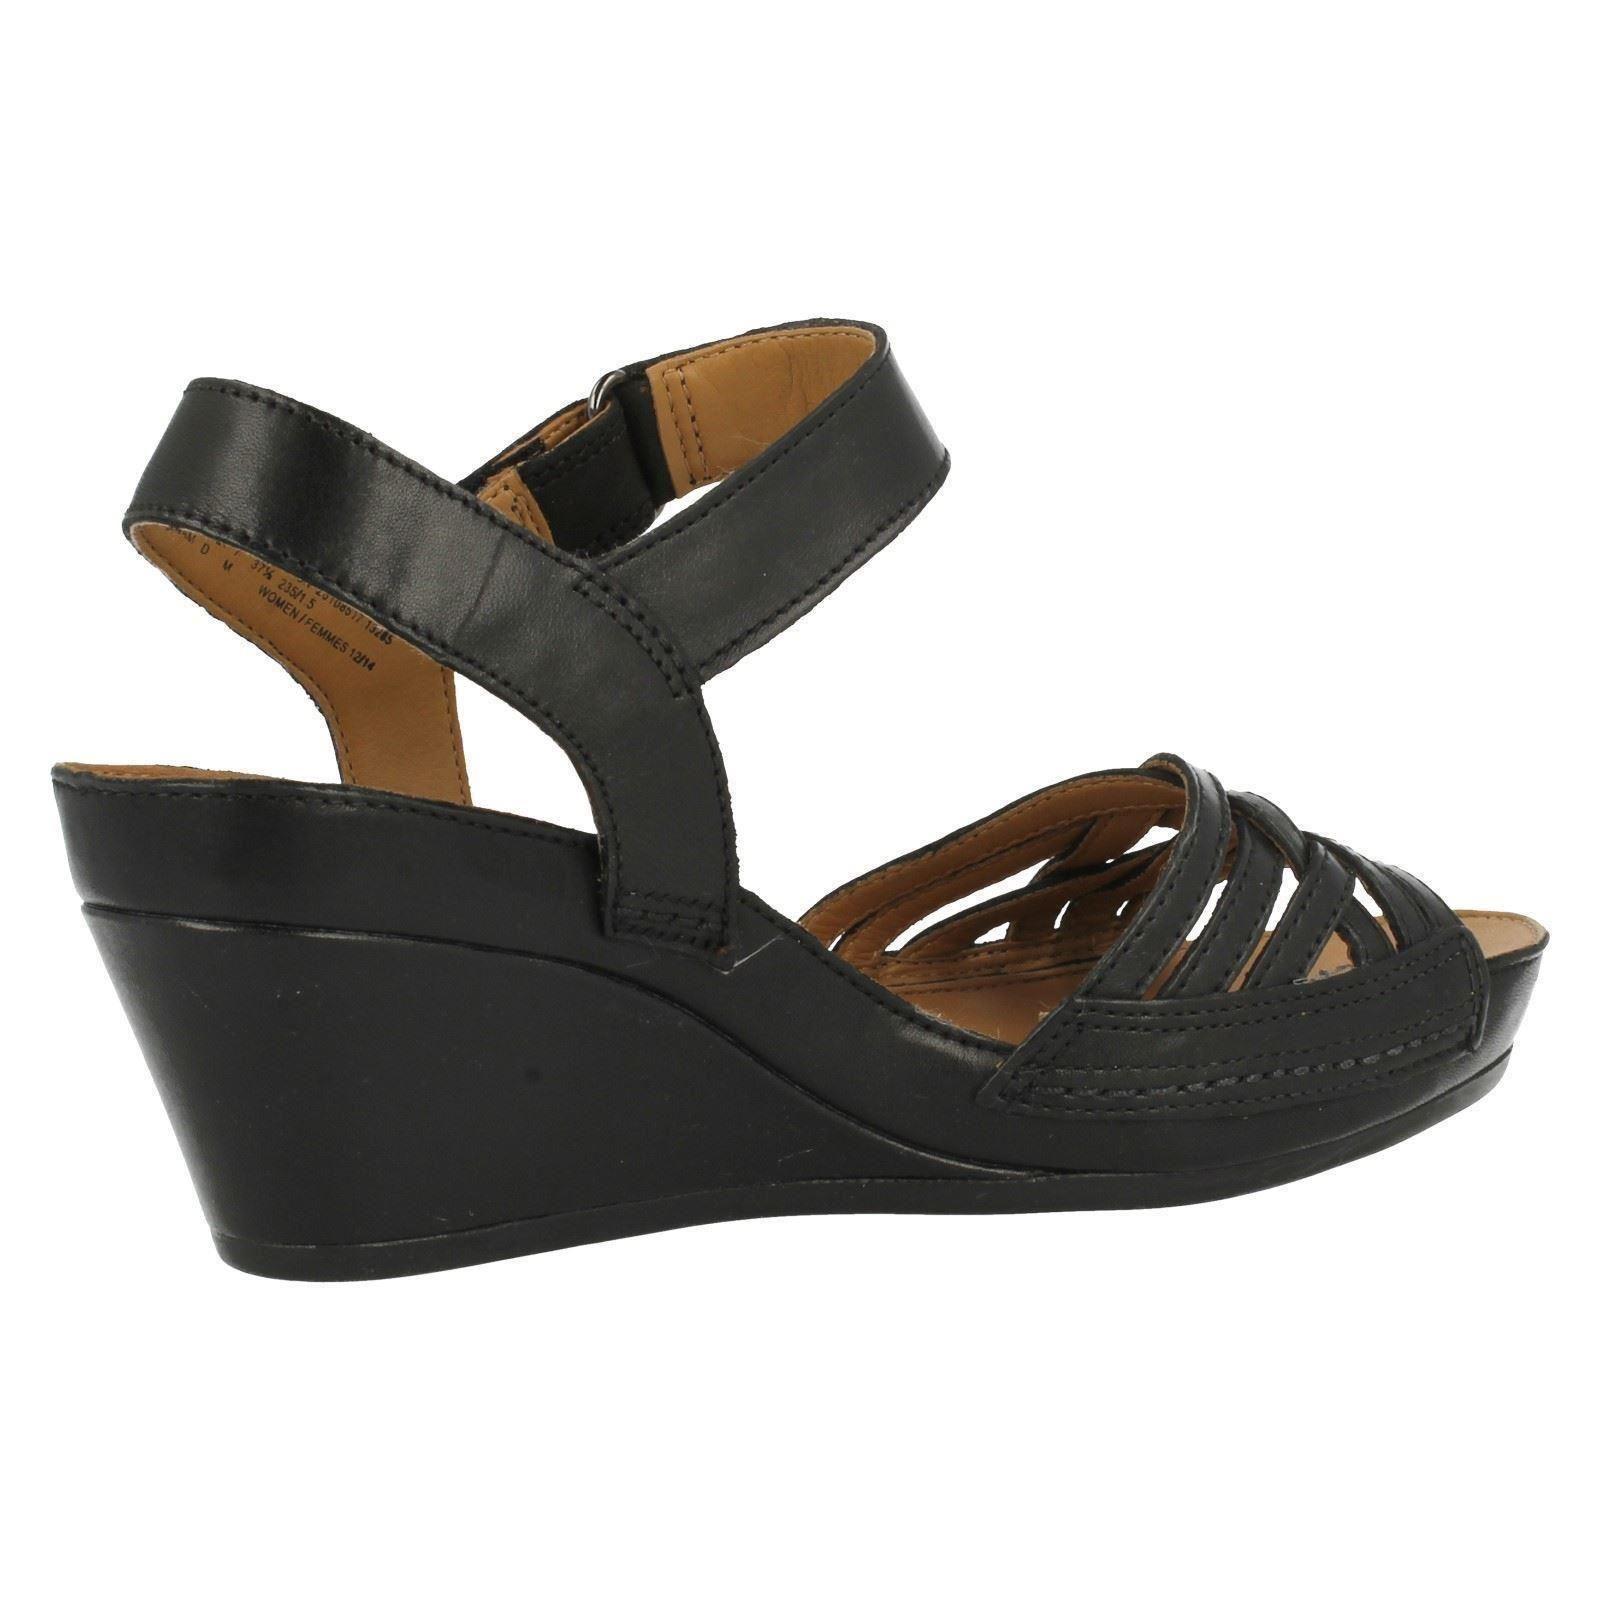 clarks wedge sandals wish ebay